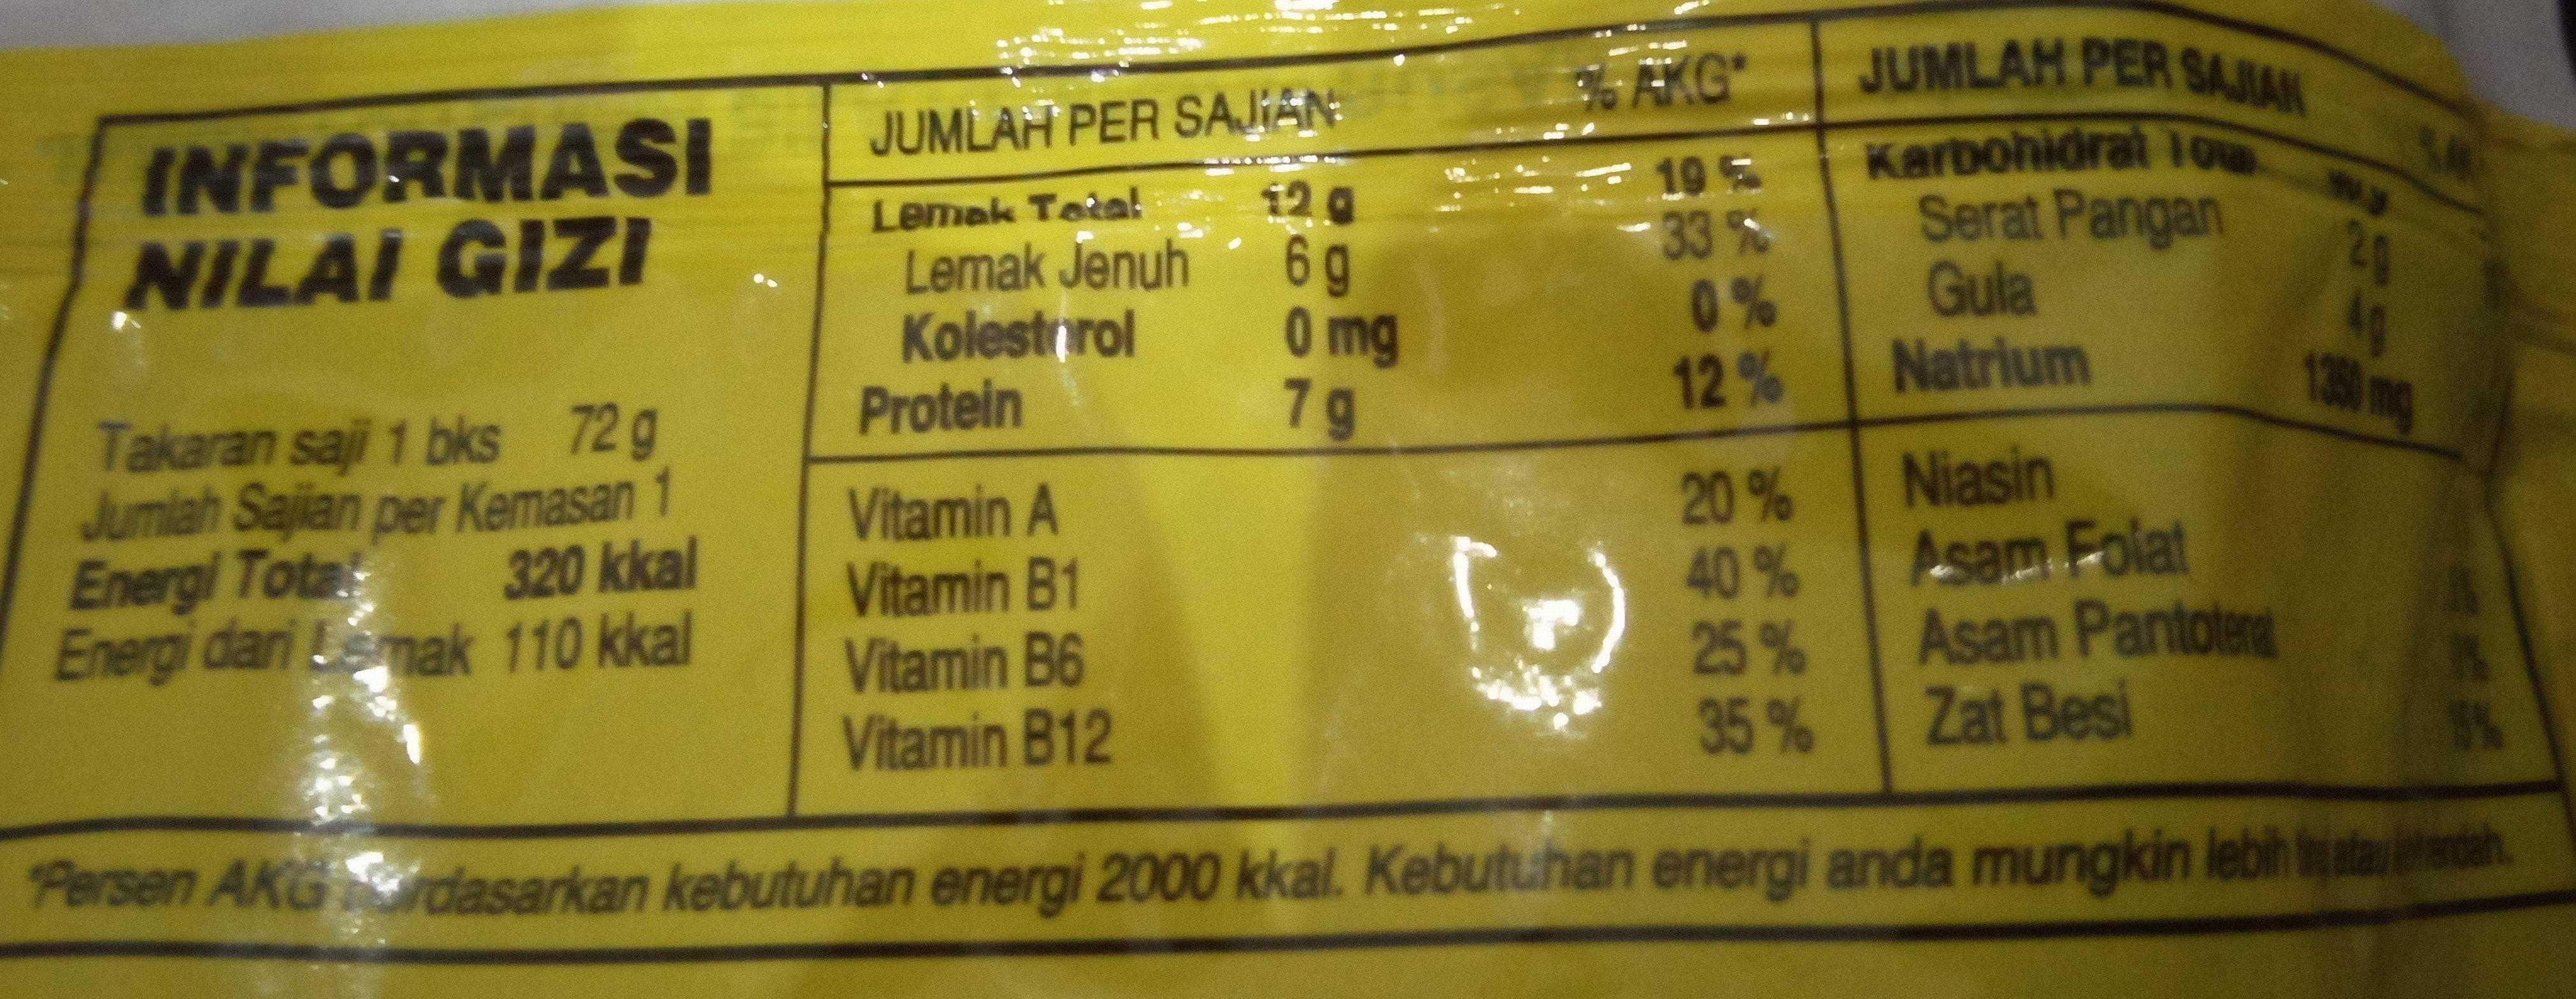 Rasa Kari Ayam - tabel nutrisi